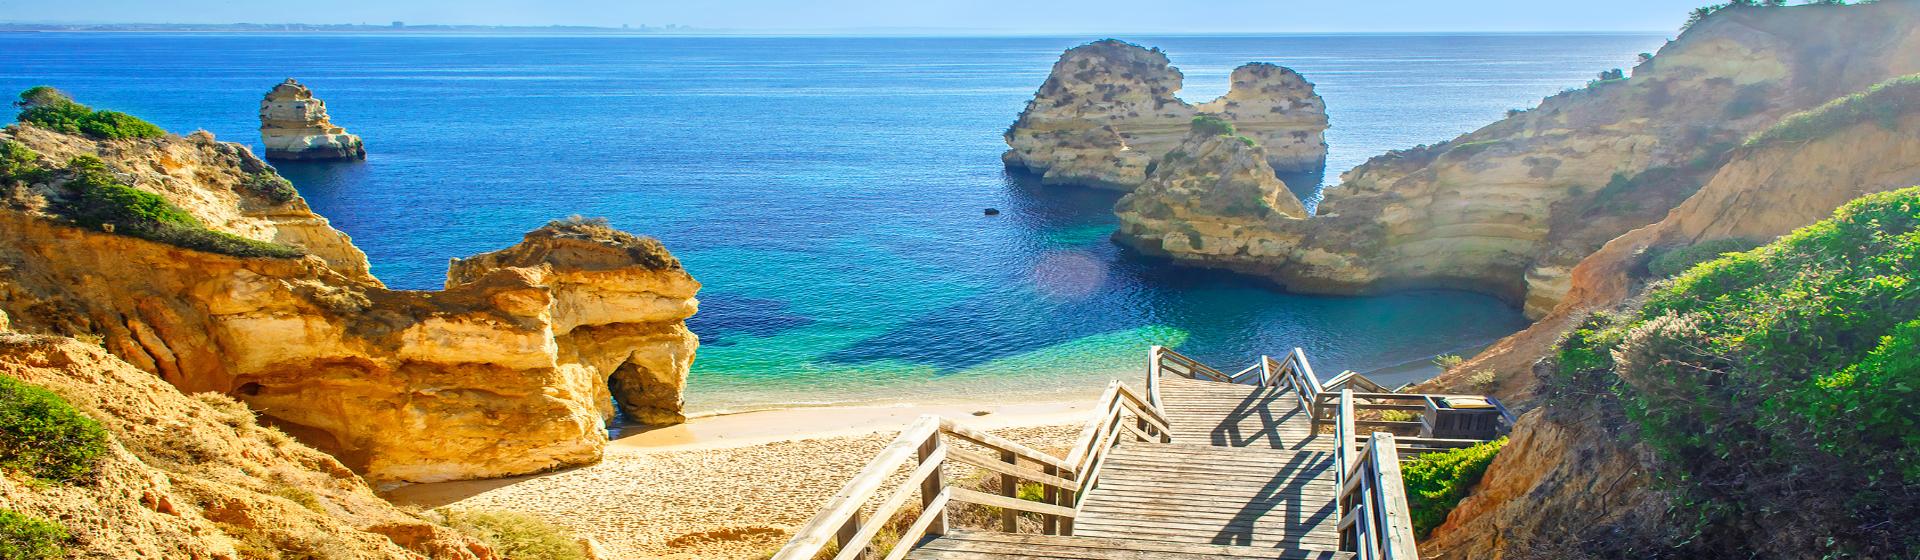 Despedida de soltero en Albufeira. Despedida de soltera en el Algarve, Portugal. Viaje a Albufeira.